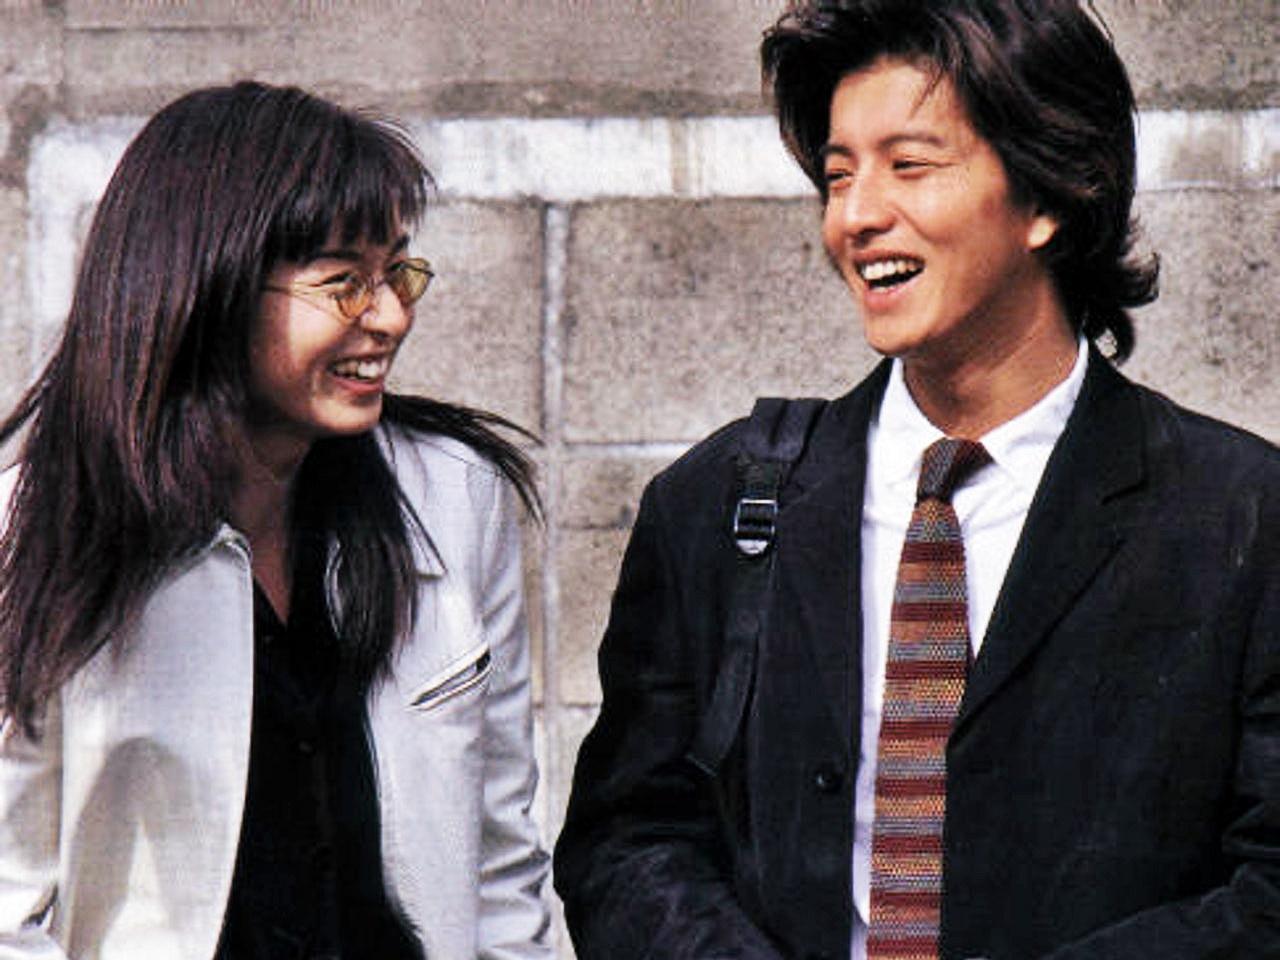 「月九」劇集中最經典角色,木村拓哉在《悠長假期》中飾演的瀨名秀俊只能屈居第3。網圖